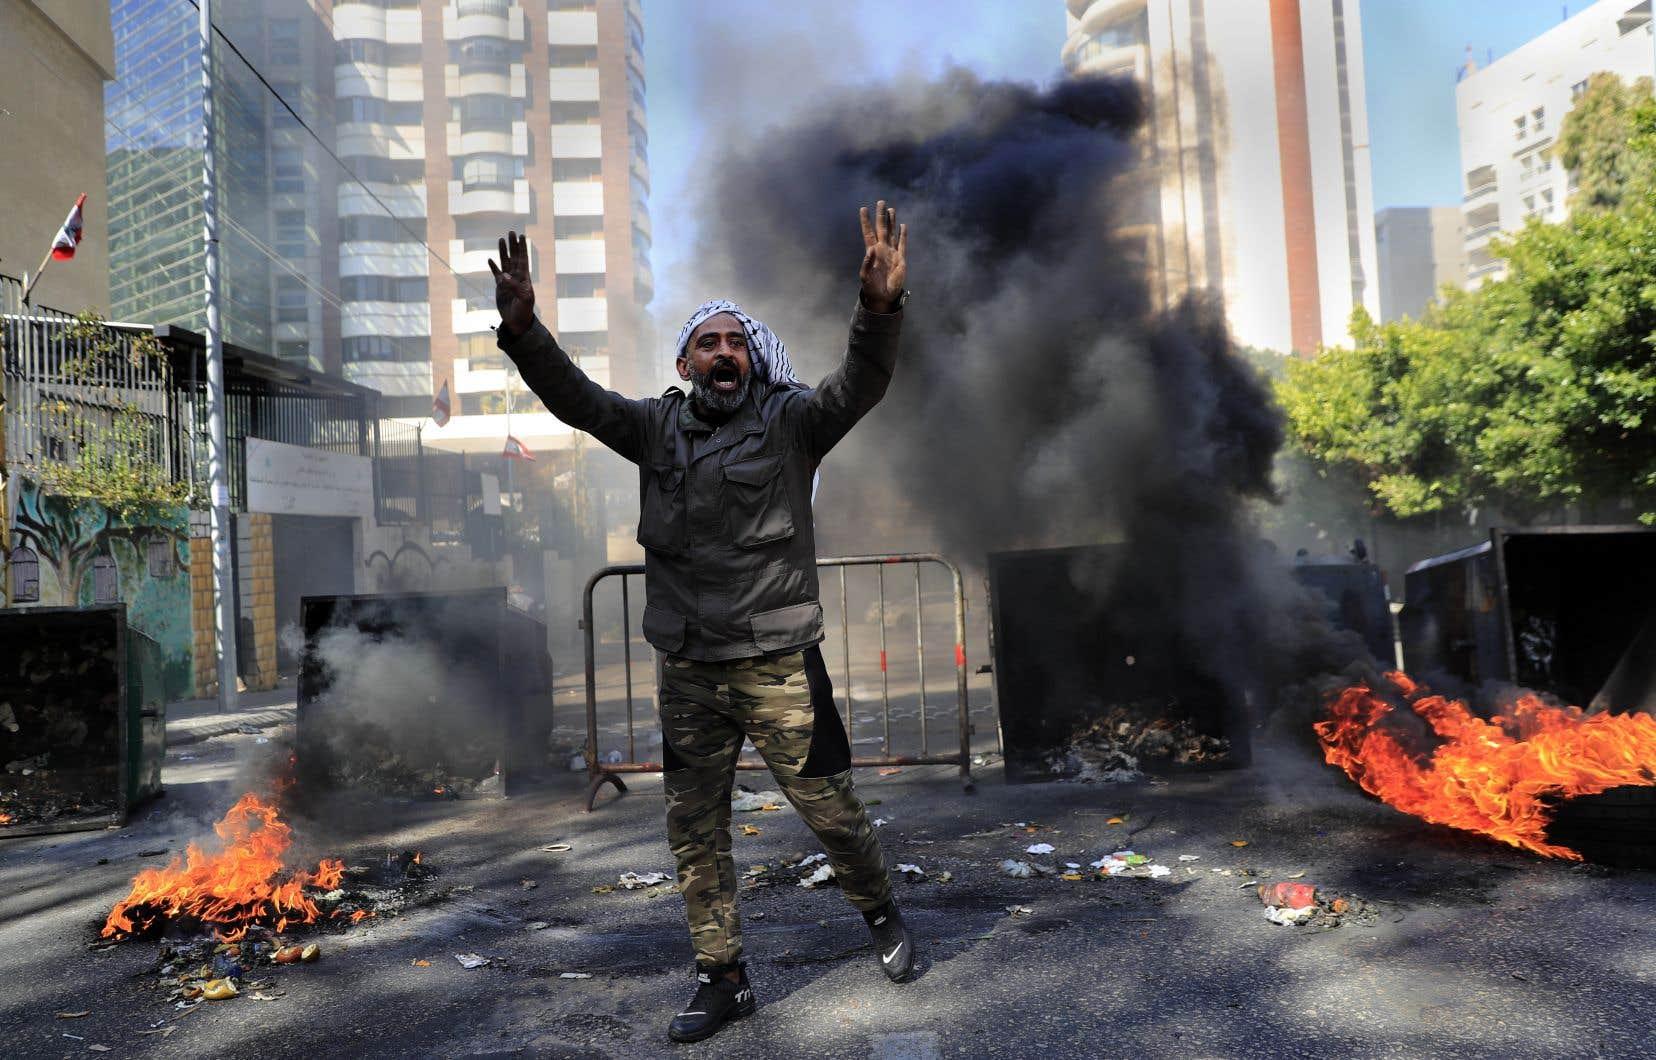 Cette nouvelle chute a provoqué la colère de manifestants qui ont bloqué des routes à travers le pays tandis que de nombreux commerces ont fermé face à l'envolée des prix.